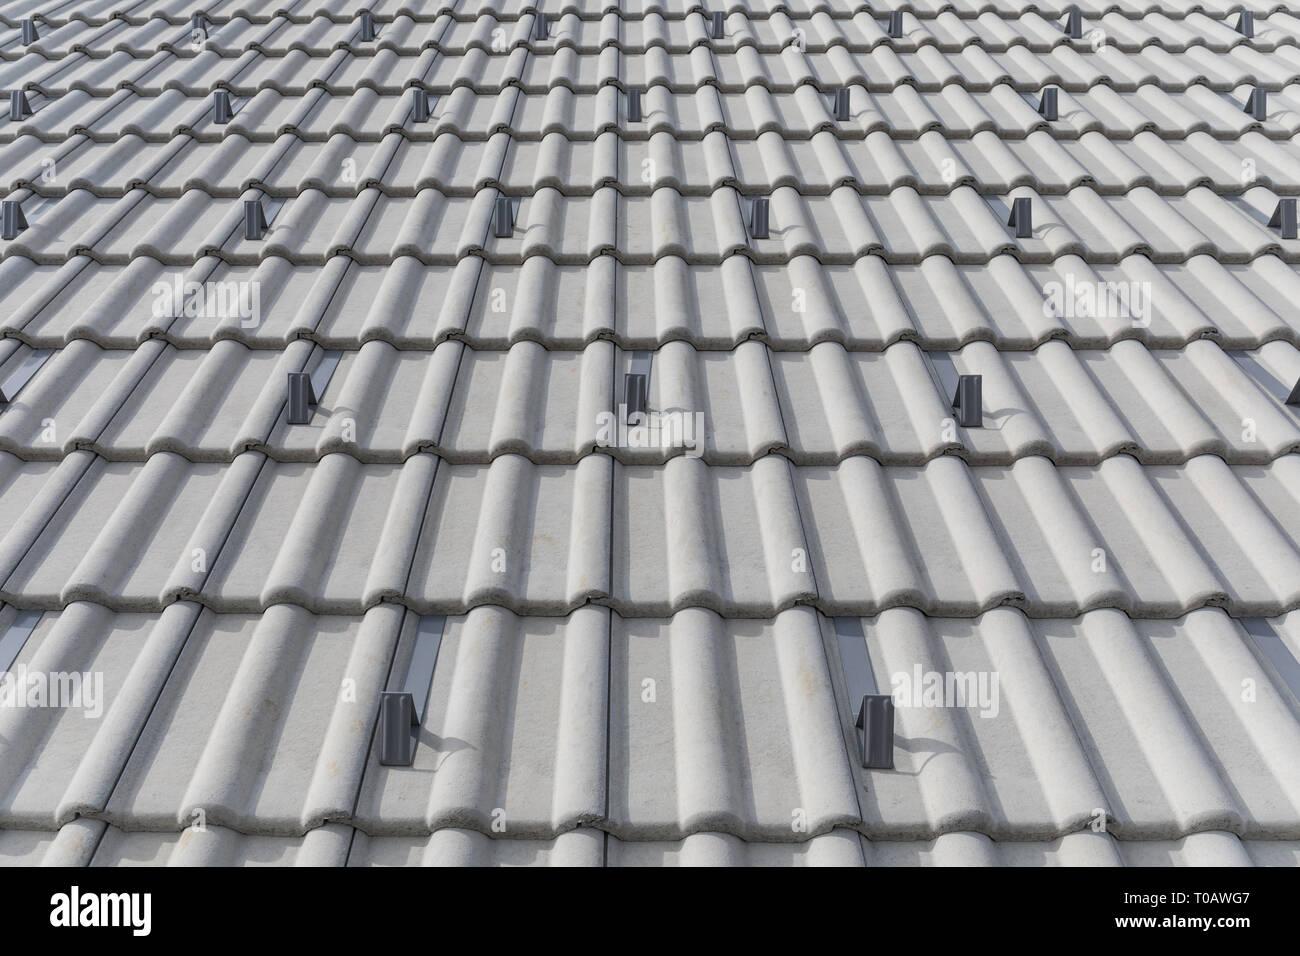 Concrete Roof Tiles Stock Photos Amp Concrete Roof Tiles